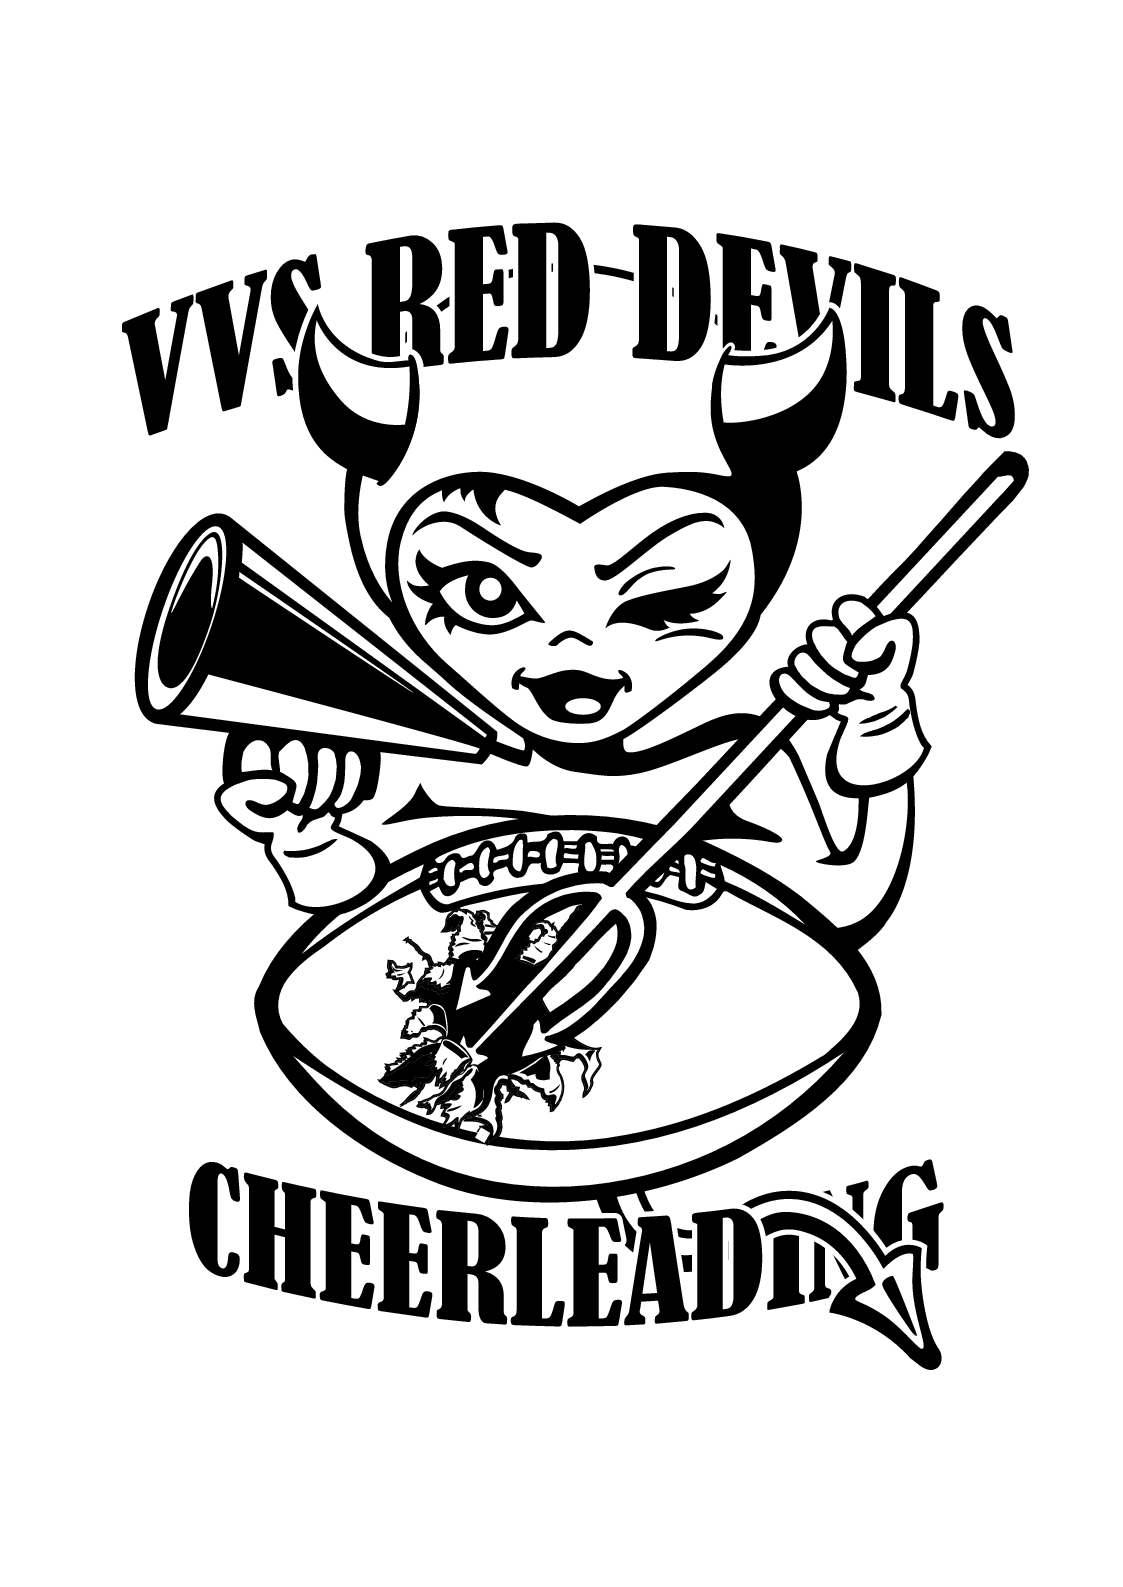 VVS Red Devils Cheerleading